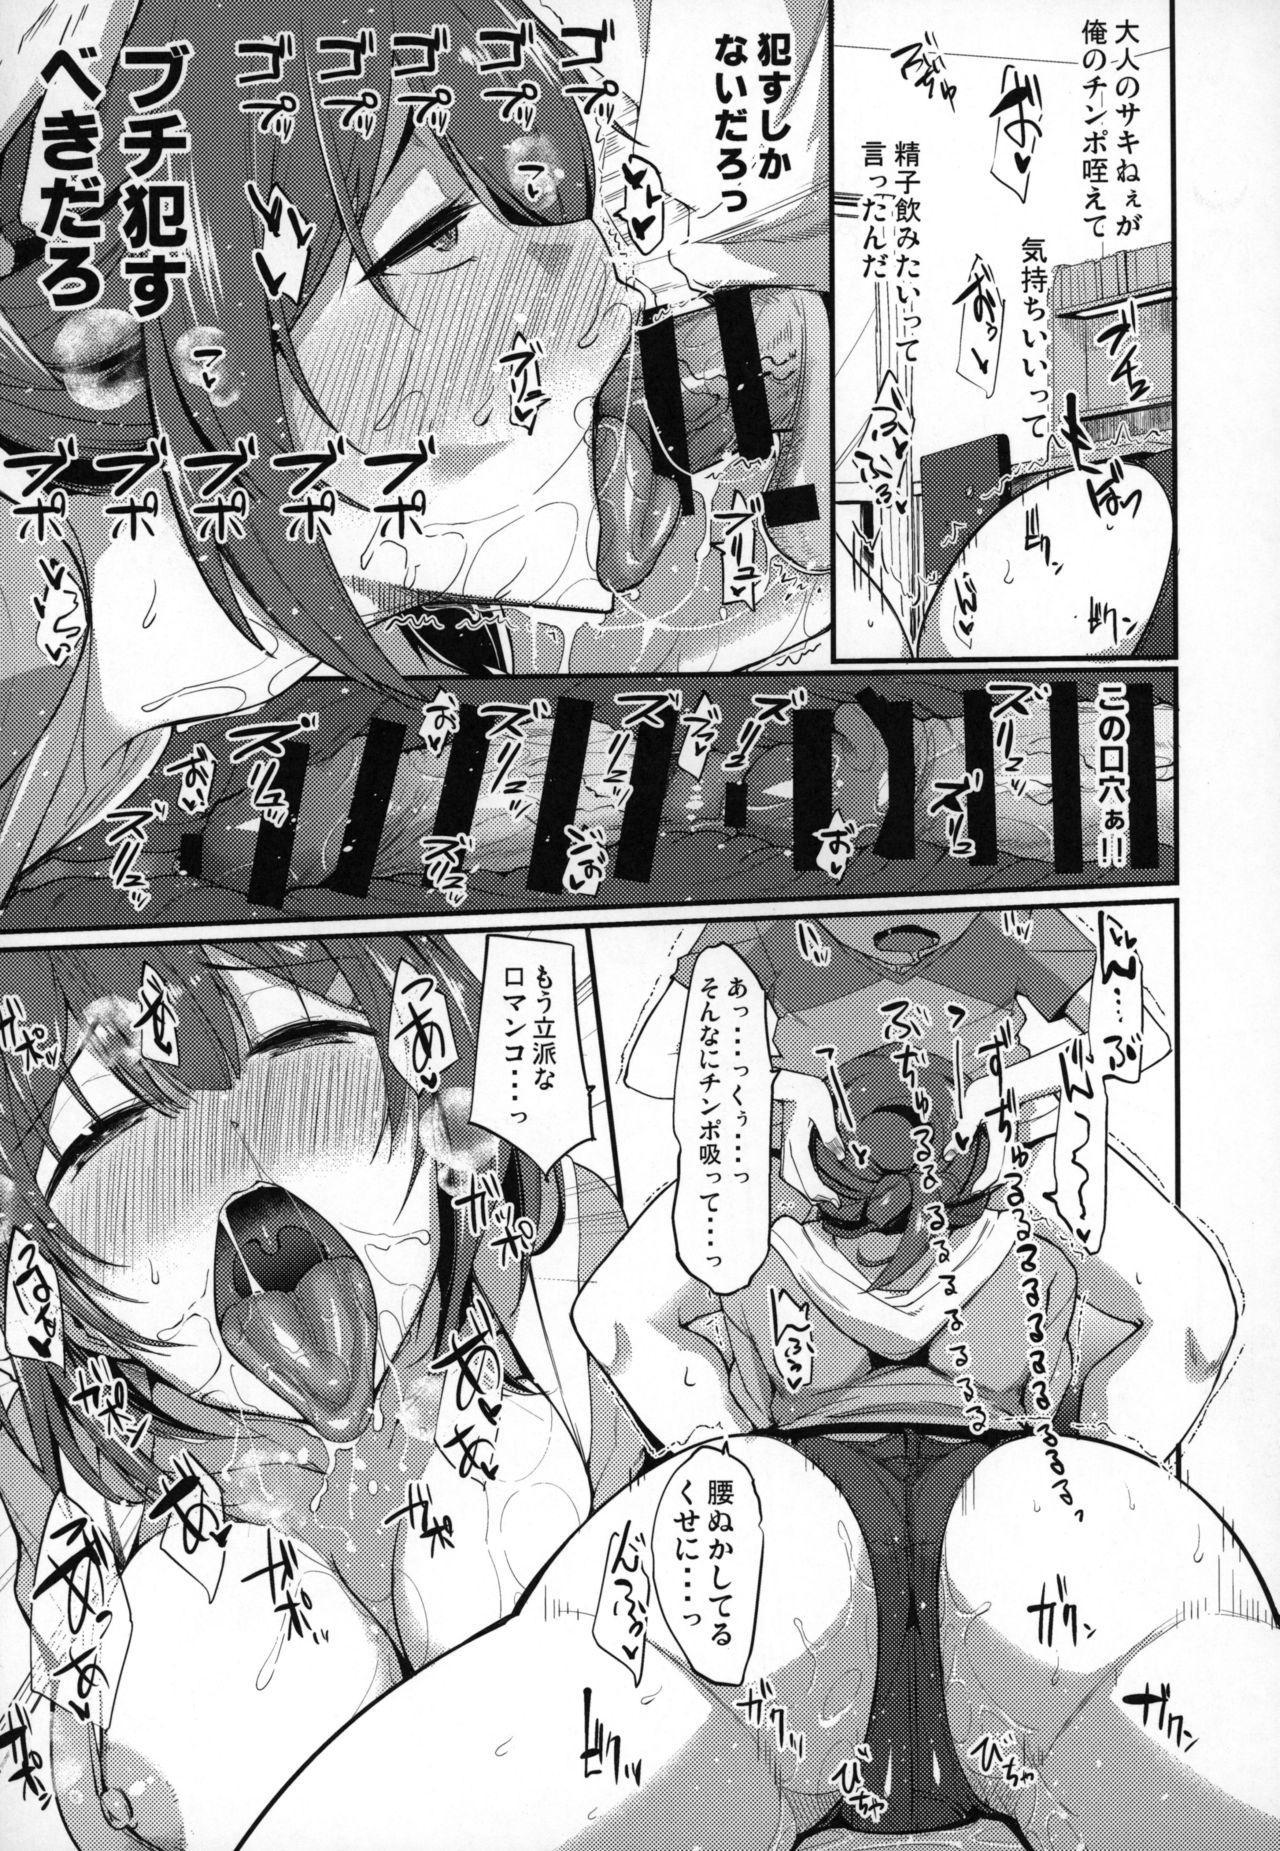 Otonari-san no Yoi no Kuchi 10